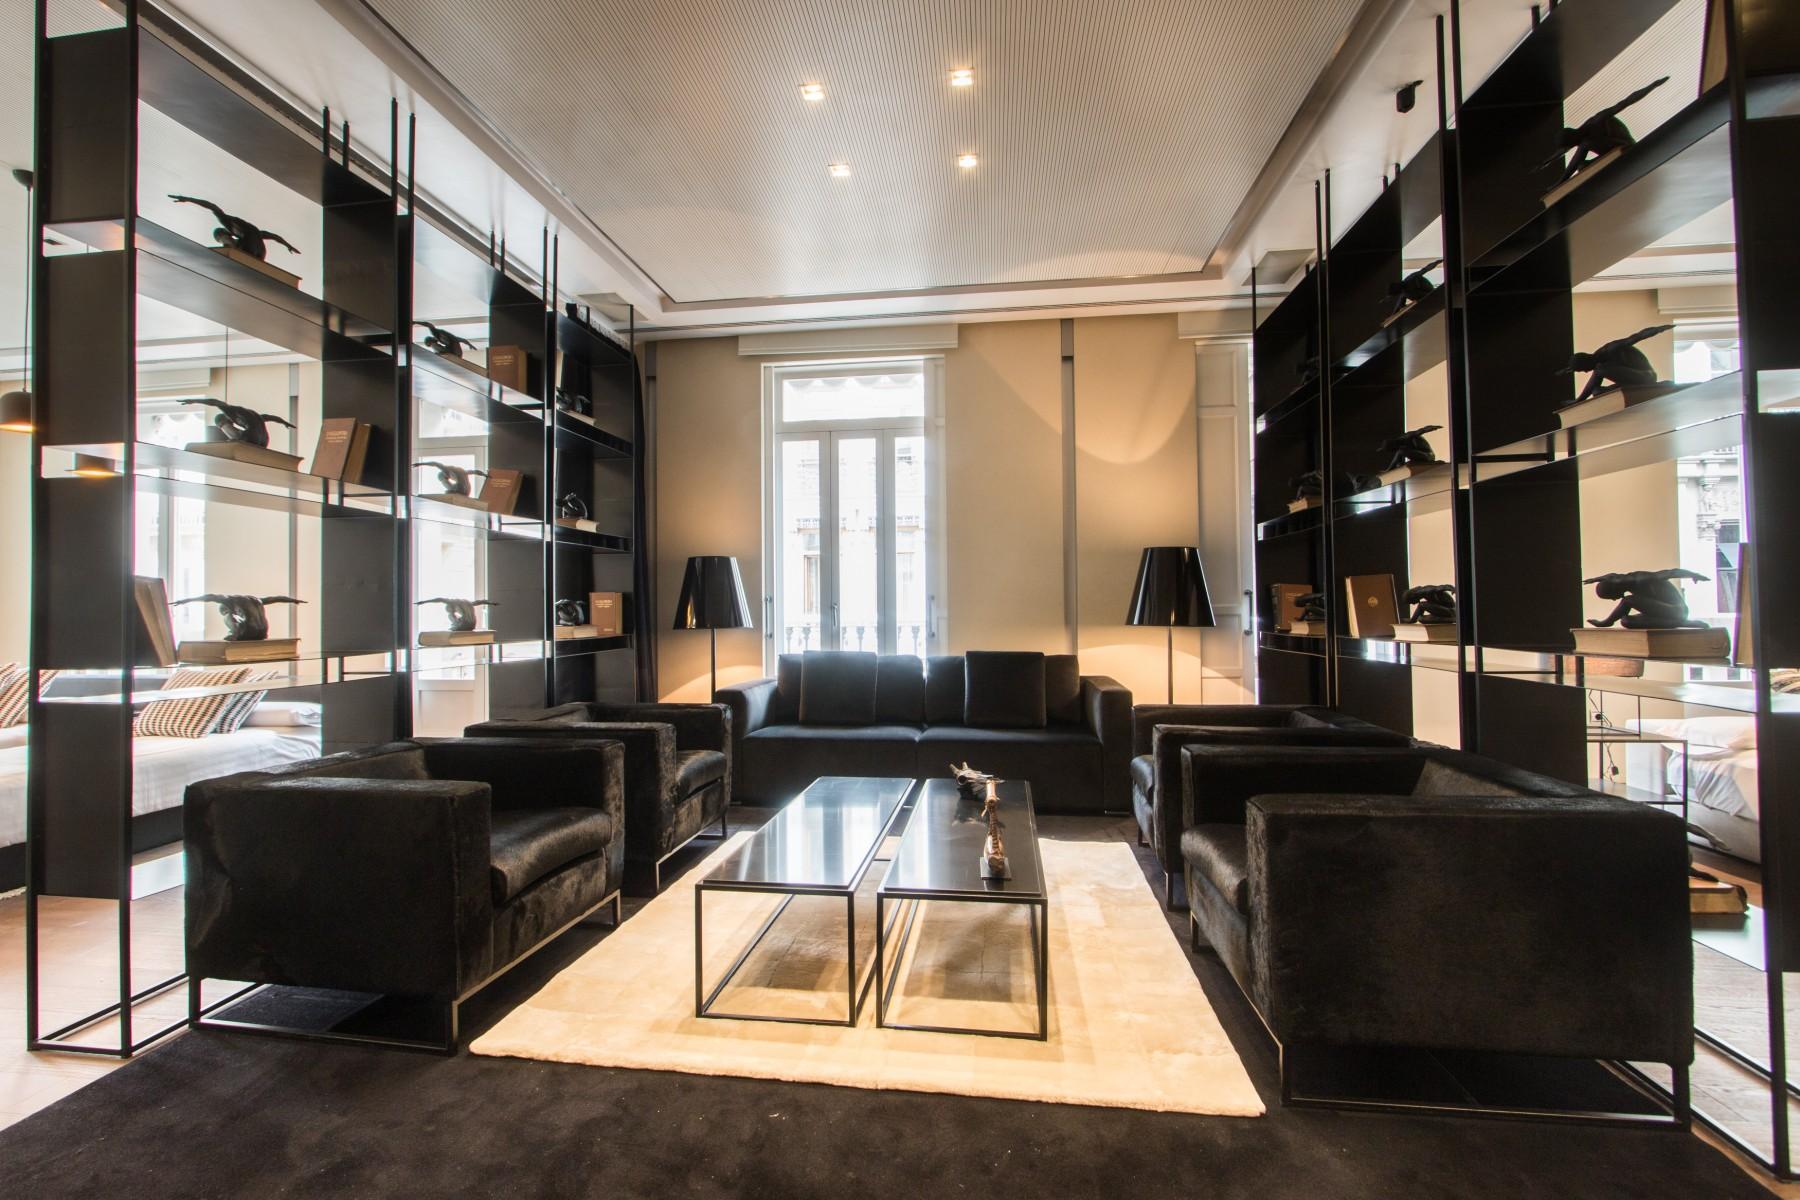 Apartamentos en valencia alma loft - Loft valencia ...